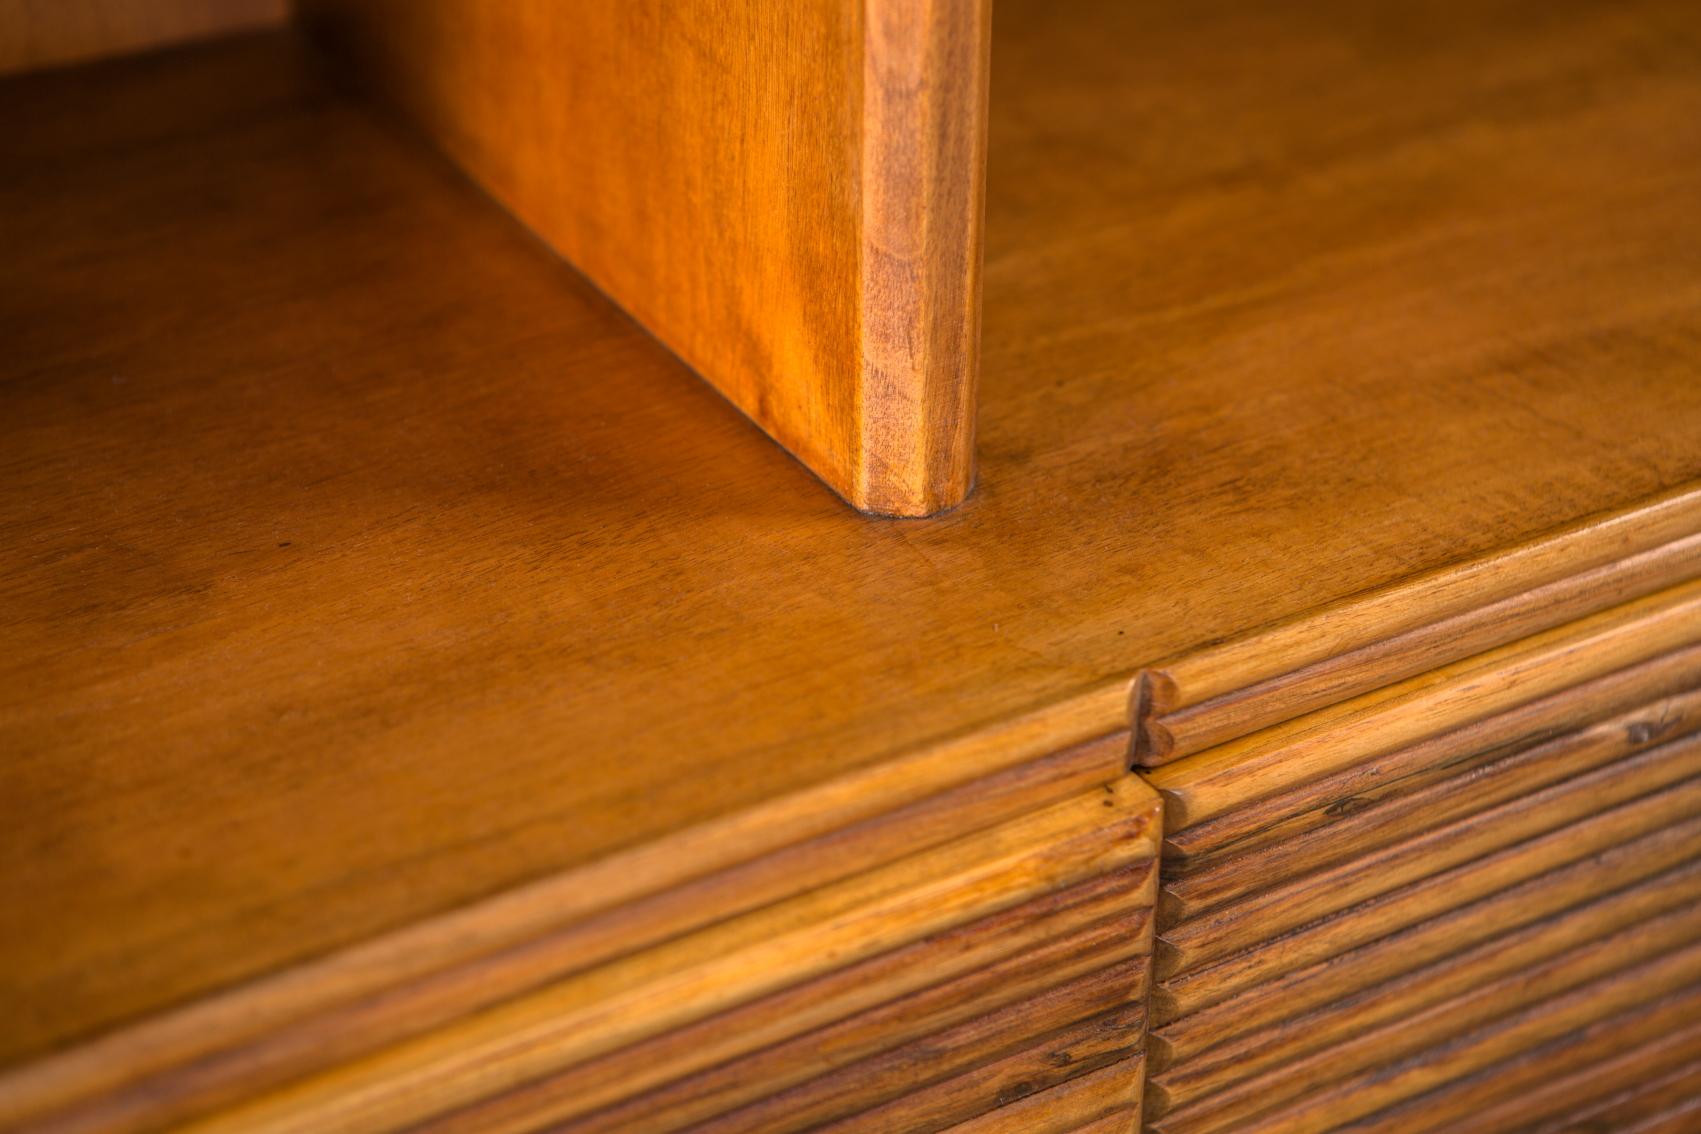 Walnut grissinato Highboard Commode with library - Paolo Buffa for Galdino Maspero 1930s 1940s - Detail 2